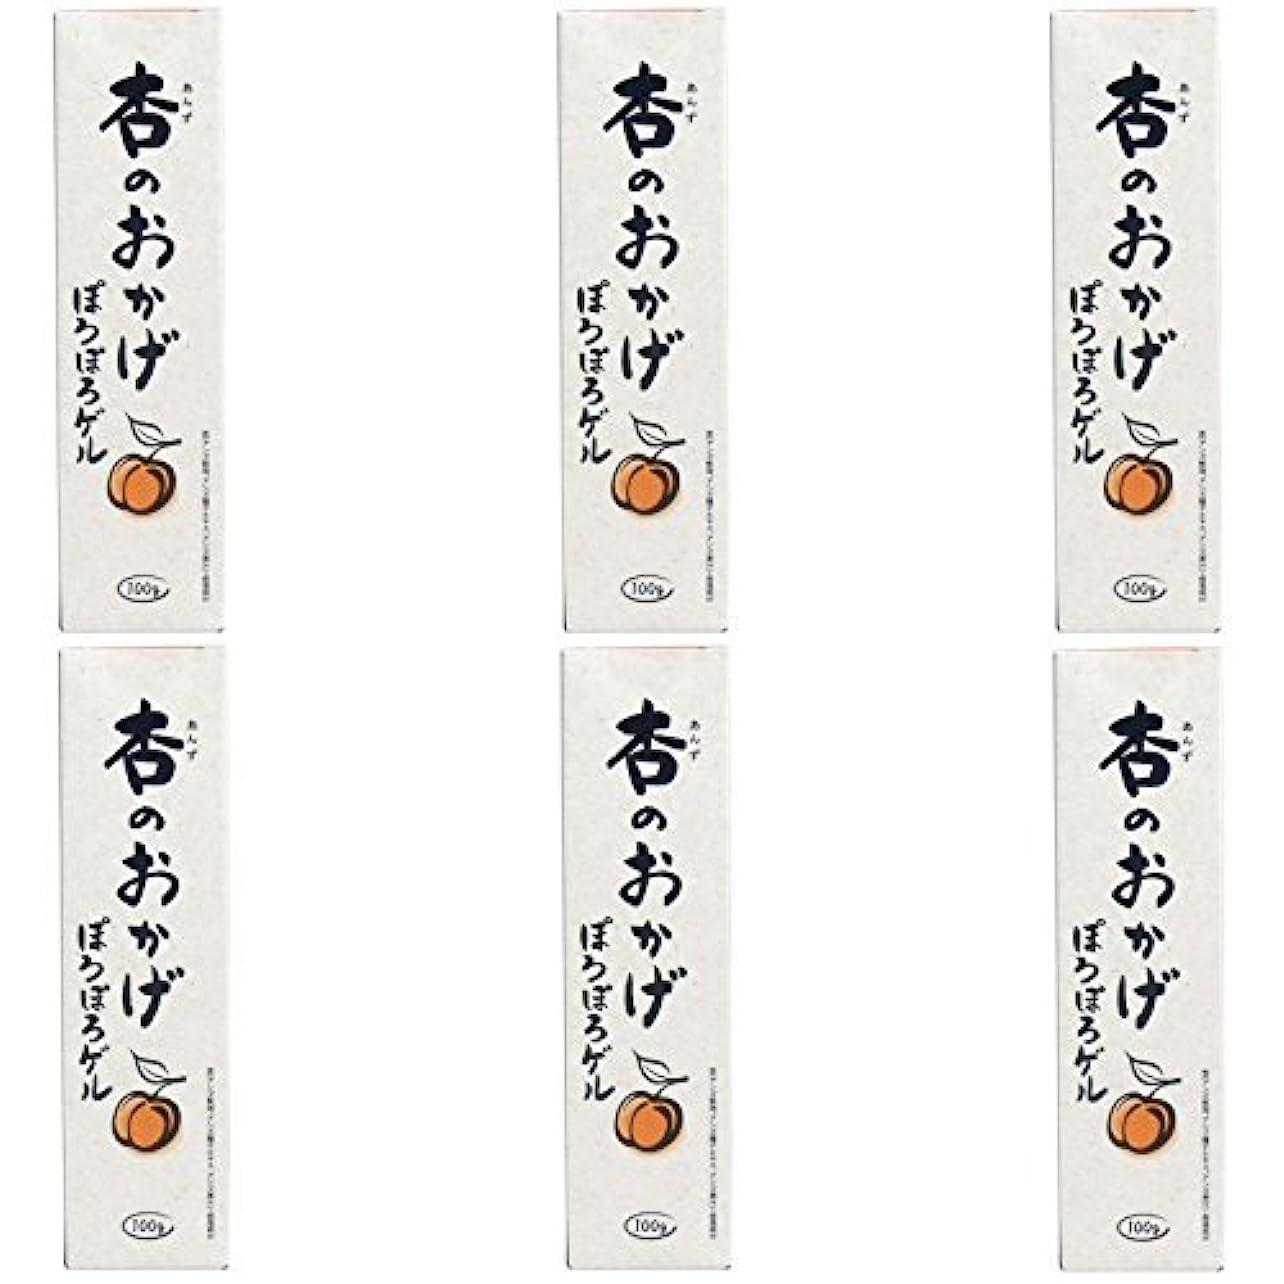 エロチック時期尚早買う【まとめ買い】杏のおかげ ぽろぽろゲル 100g【×6個】